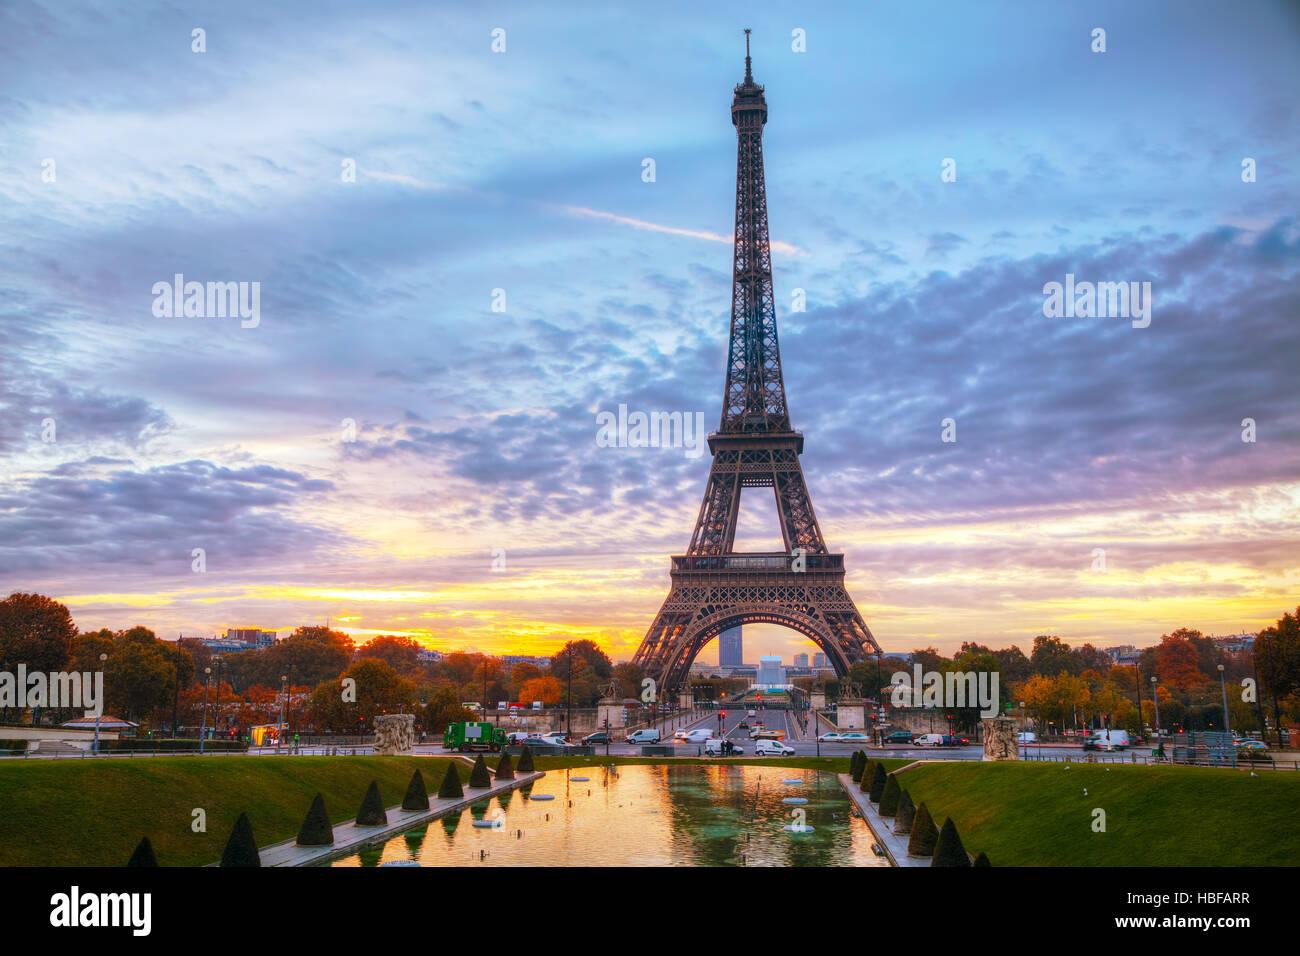 Vue urbaine avec la Tour Eiffel à Paris, France au lever du soleil Photo Stock